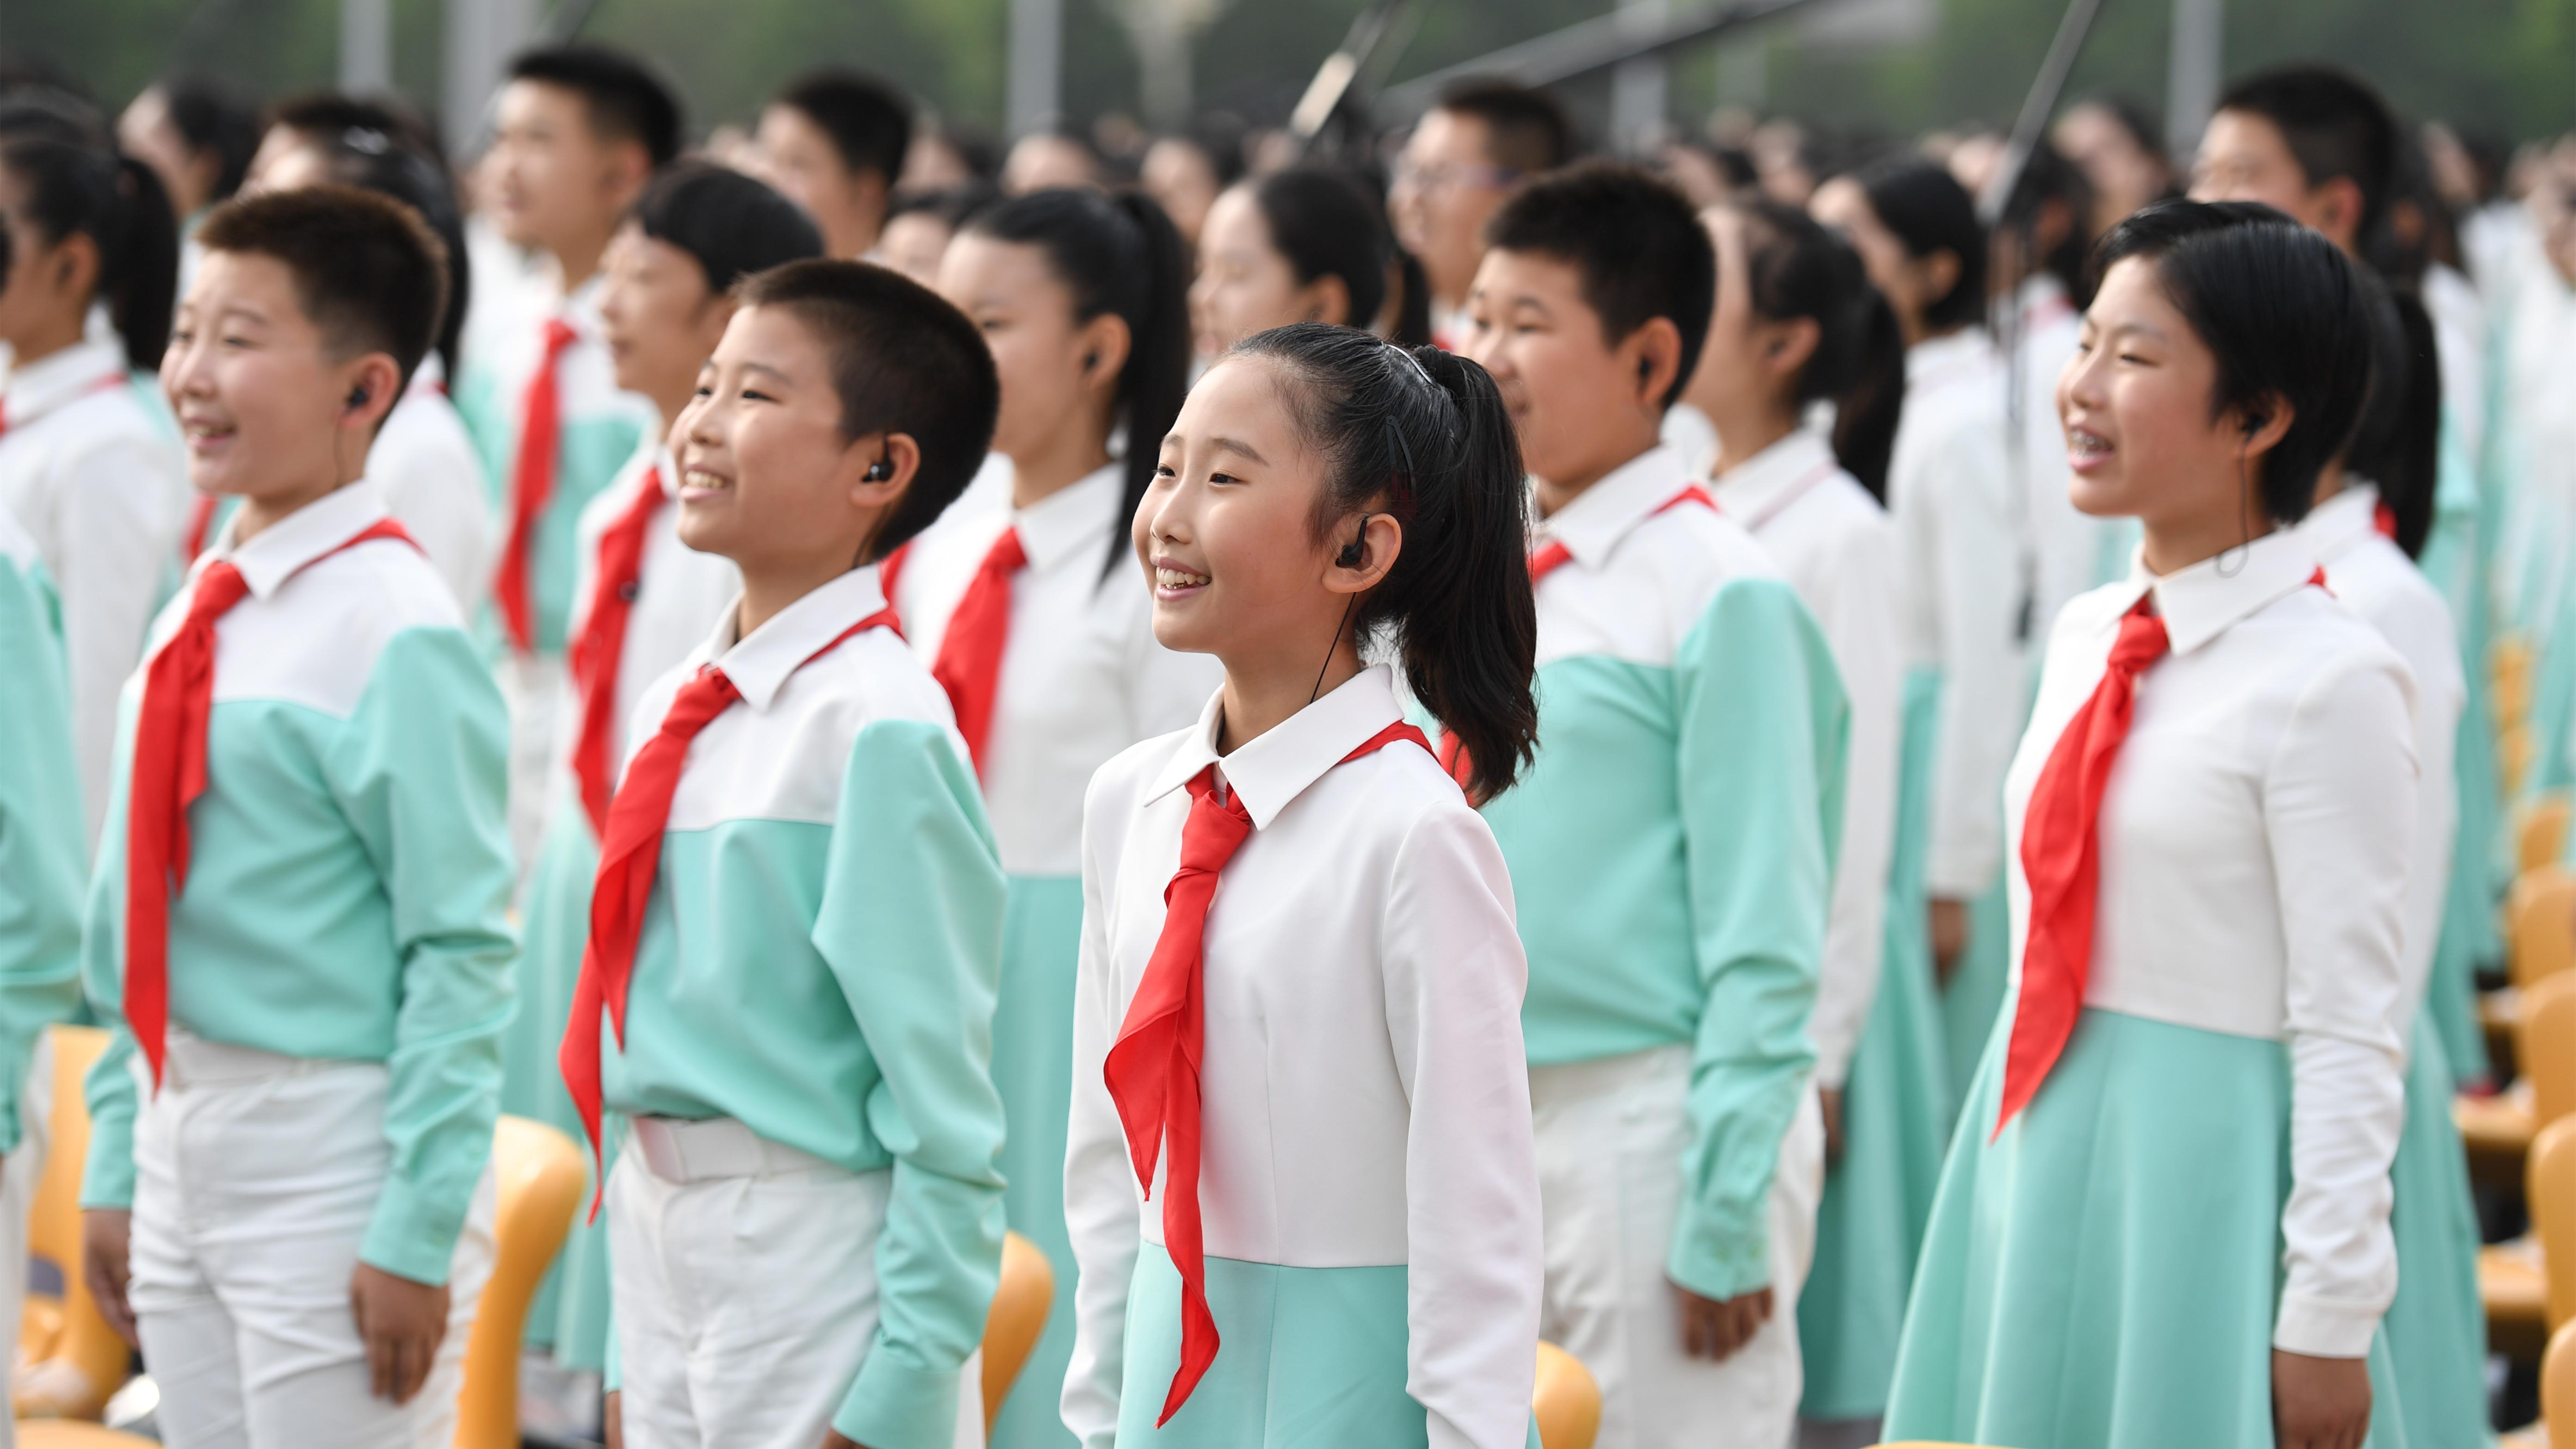 現場畫面!慶祝中國共産黨成立100周年大會將隆重舉行!